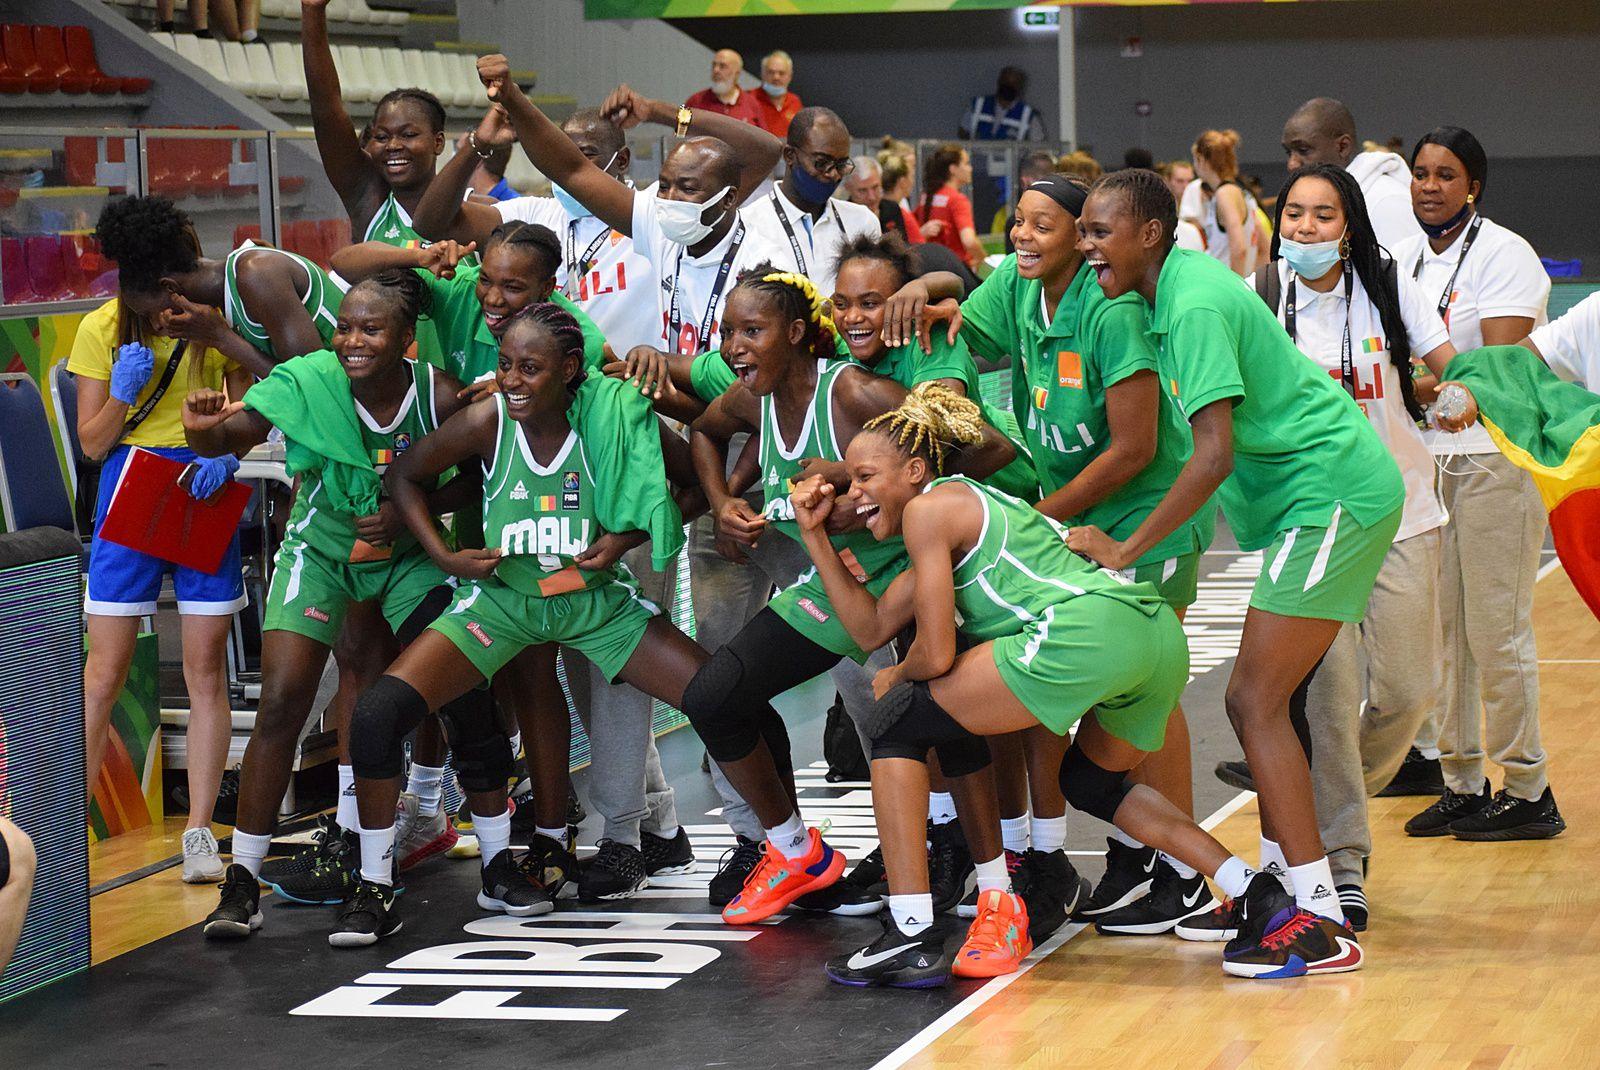 Le Mali écrit une nouvelle page de l'histoire en se hissant en demi-finale de la Coupe du monde FIBA féminine des moins de 19 ans à Debrecen en Hongrie après avoir sorti la Russie, championne du Monde 2017. Après les garçons médaillés d'argent en 2019, les Maliennes sont à une victoire d'une première médaille historique au niveau mondial.